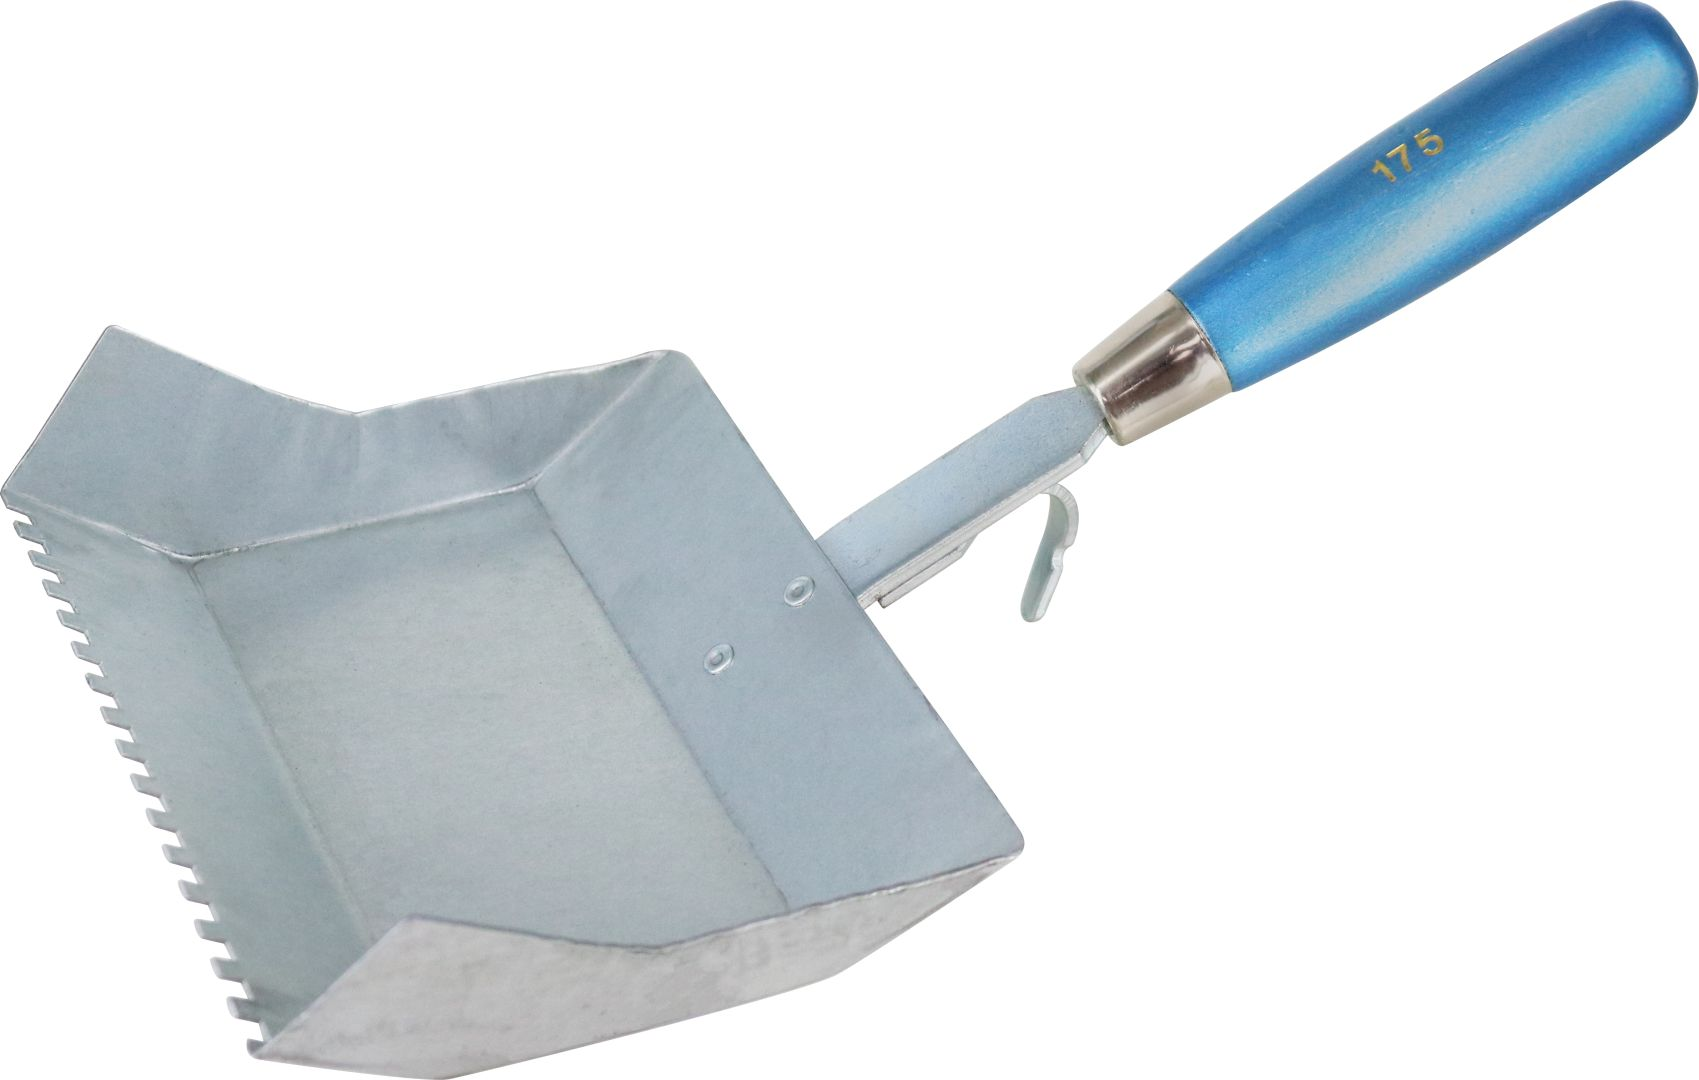 TRIUSO Klebekelle für Kalksandstein, Griff aus Kunststoff und Metall, halbrundzahnung, Blattbreite 240 mm